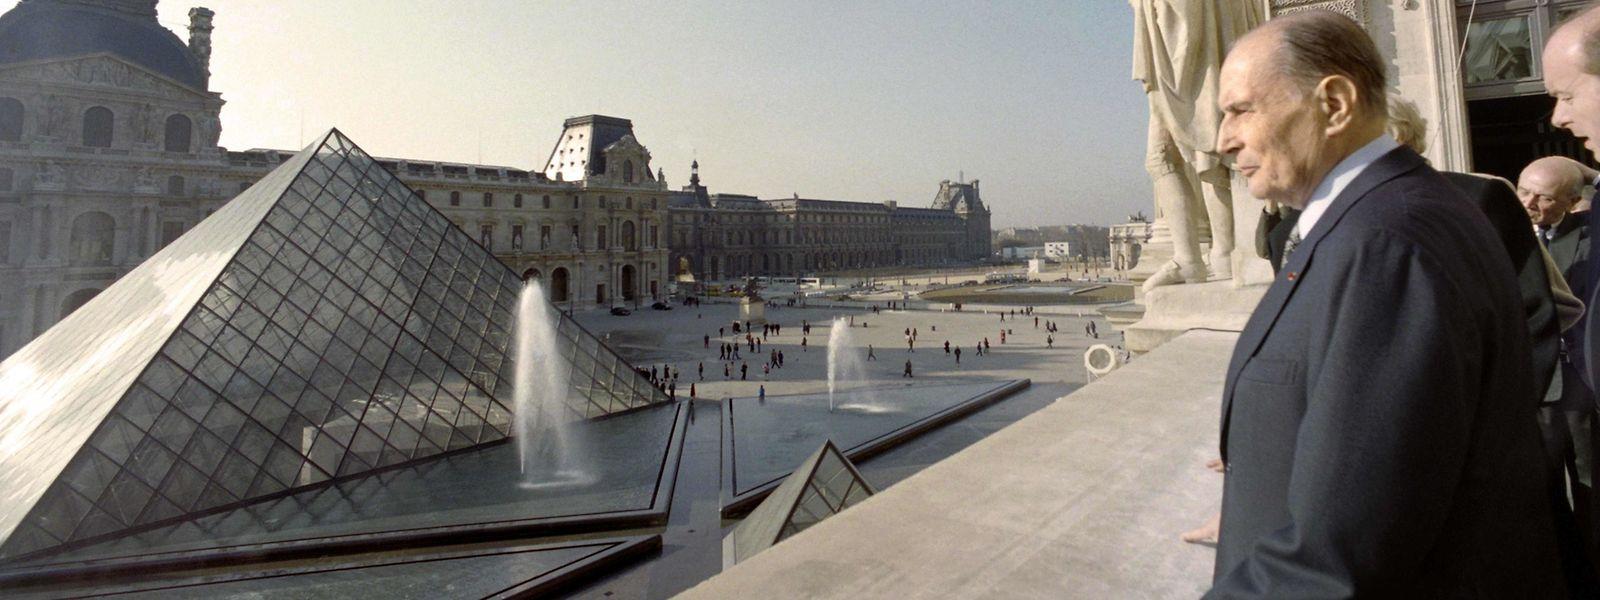 Francois Mitterrand, président français, inaugure la pyramide du Louvre le 18 novembre 1993.